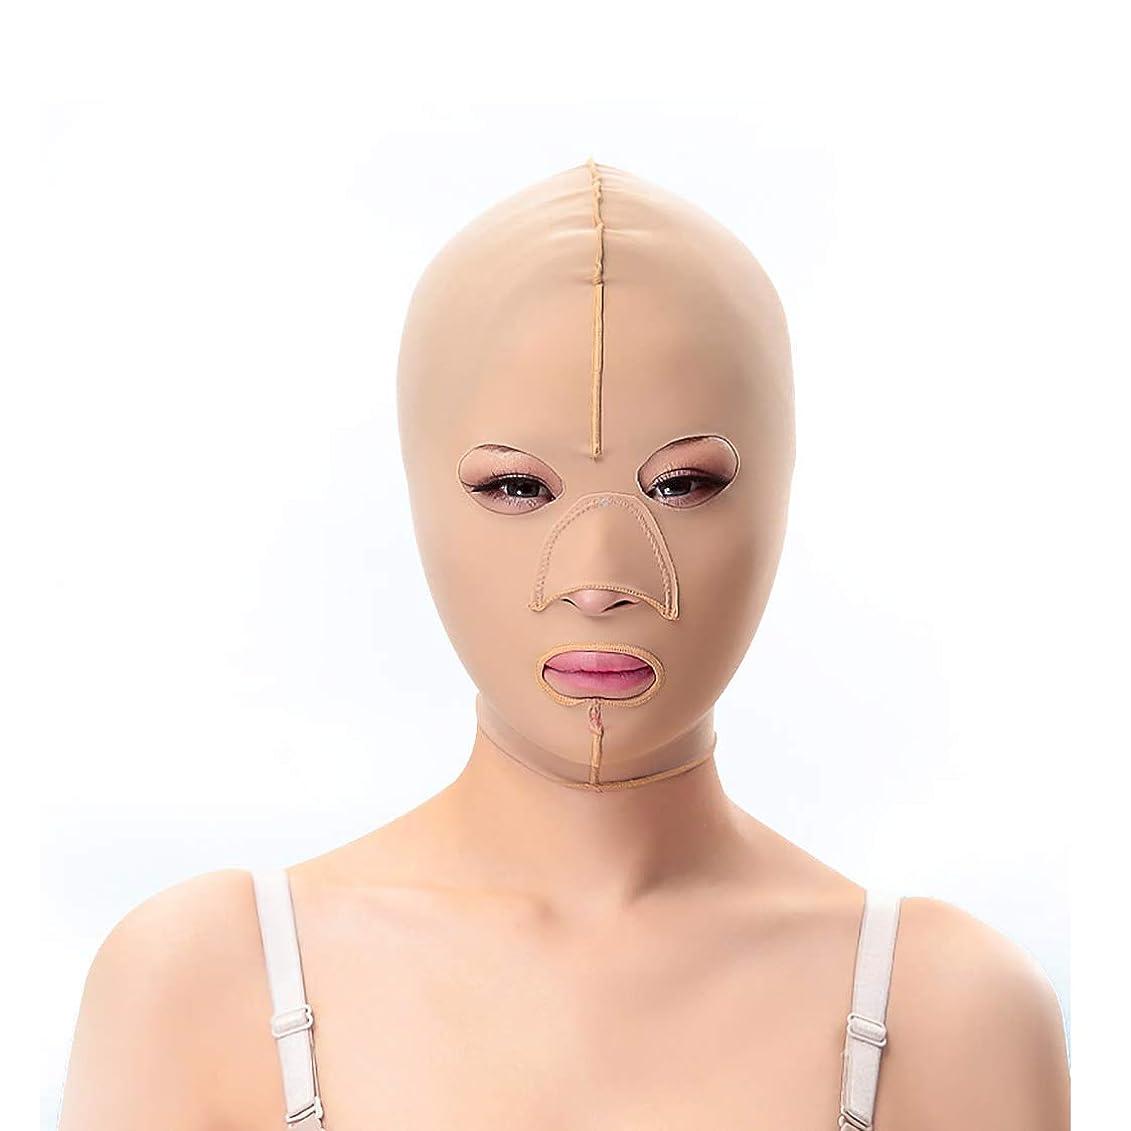 入学する立証するしたいスリミングベルト、二重あごの引き締め顔のプラスチックフェイスアーティファクト強力なフェイス包帯を脇に持ち上げるパターンを欺くためのフェイシャルマスクシンフェイスマスク(サイズ:L),Xl